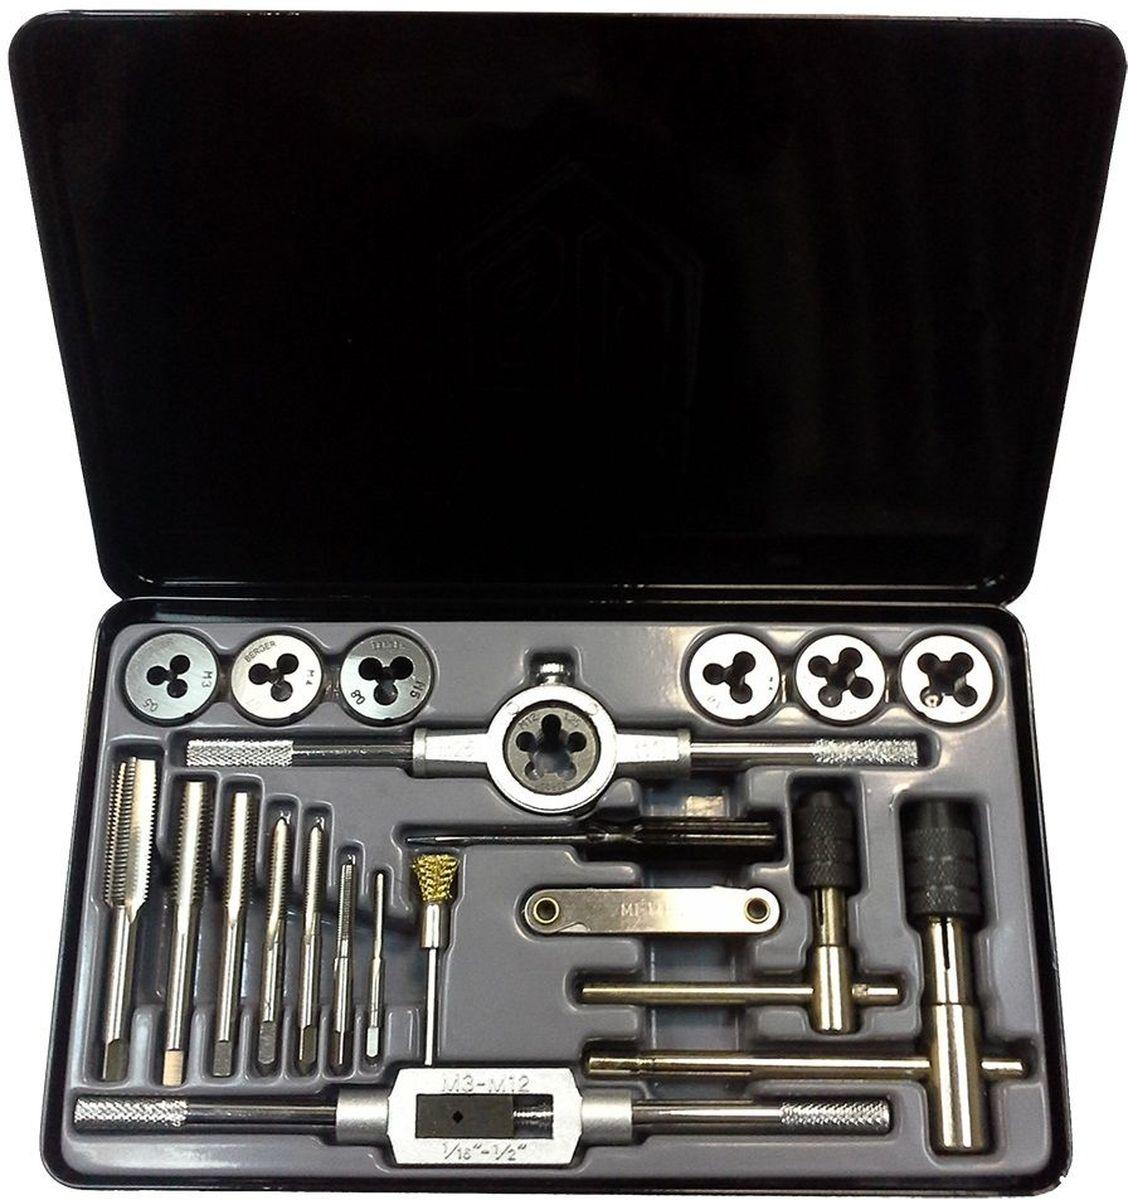 Набор плашек и метчиков Berger, 21 предмет. BG21TDSBG21TDSНабор плашек и метчиков Berger используется для нарезания различной резьбы на внутренних и внешних металлических поверхностях. Метчико- и плашкодержатели оснащены удобными рукоятками, что обеспечивает комфортную работу инструментом.В наборе:- 7 плашек: М3 х 0,5; М4 х 0,7; М5 х 0,8; М6 х 1,0; М8 х 1,25; М10 х 1,5; М12 x 1,25 мм,- 7 однопроходных метчиков: М3 х 0,5; М4 х 0,7; М5 х 0,8; М6 х 1,0; М8 х 1,25; М10 х 1,5; М12 x 1,25 мм, 1 ключ для плашек 25 х 9, - 1 ключ для метчиков М3-М12,- 1 Т-образный быстрозажимной ключ для метчиков М3-М6,- 1 Т-образный быстрозажимной ключ для метчиков М5-М12,- 1 резьбомер 0,5-2,5 мм,- 1 щетка,- 1 отвертка.